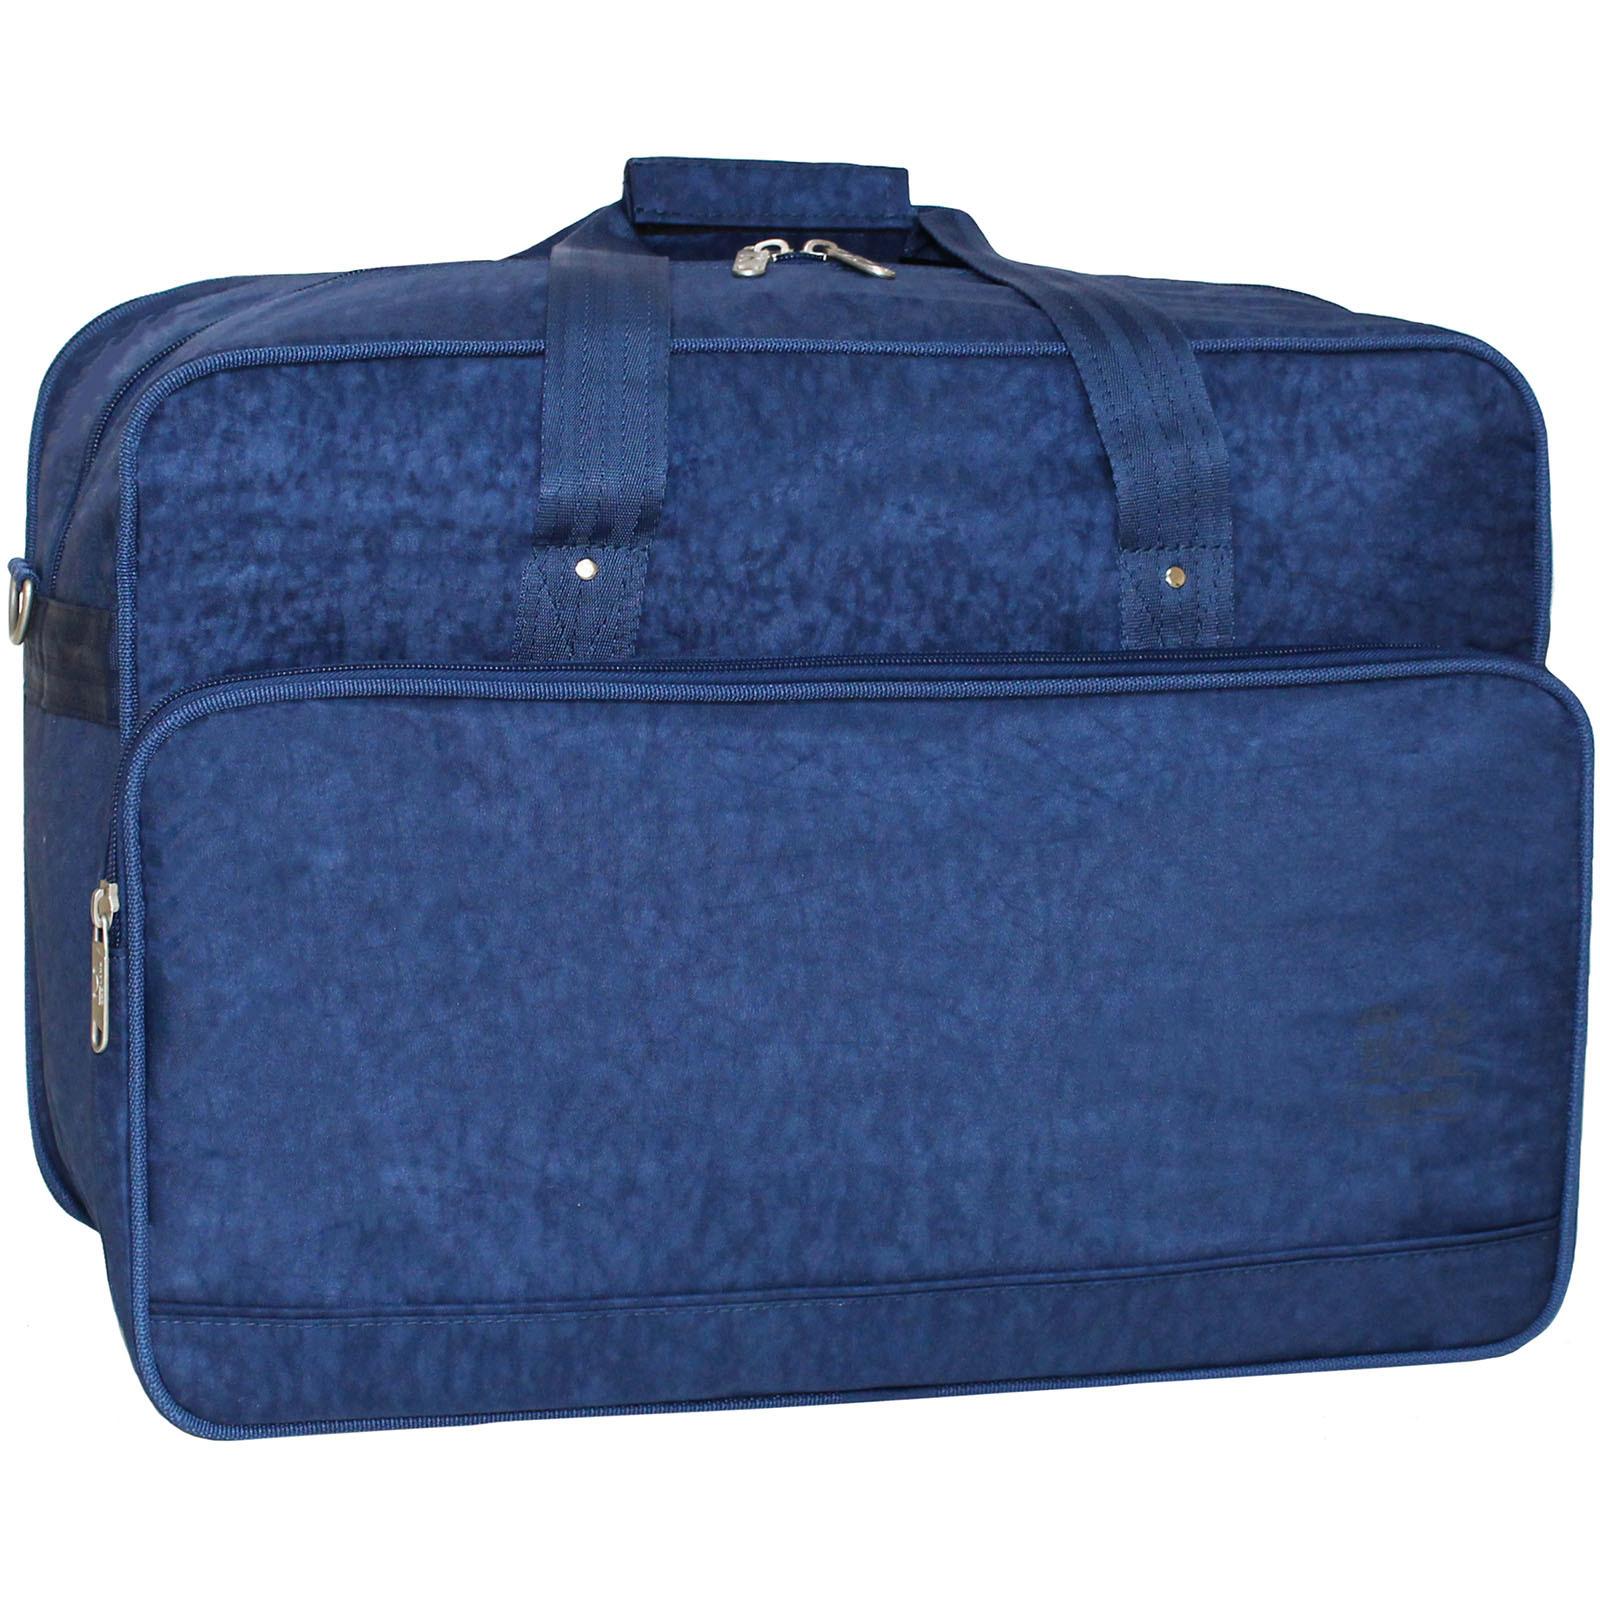 Дорожные сумки Дорожная сумка Bagland Рига 36 л. 225 синий (0030370) IMG_3543.JPG